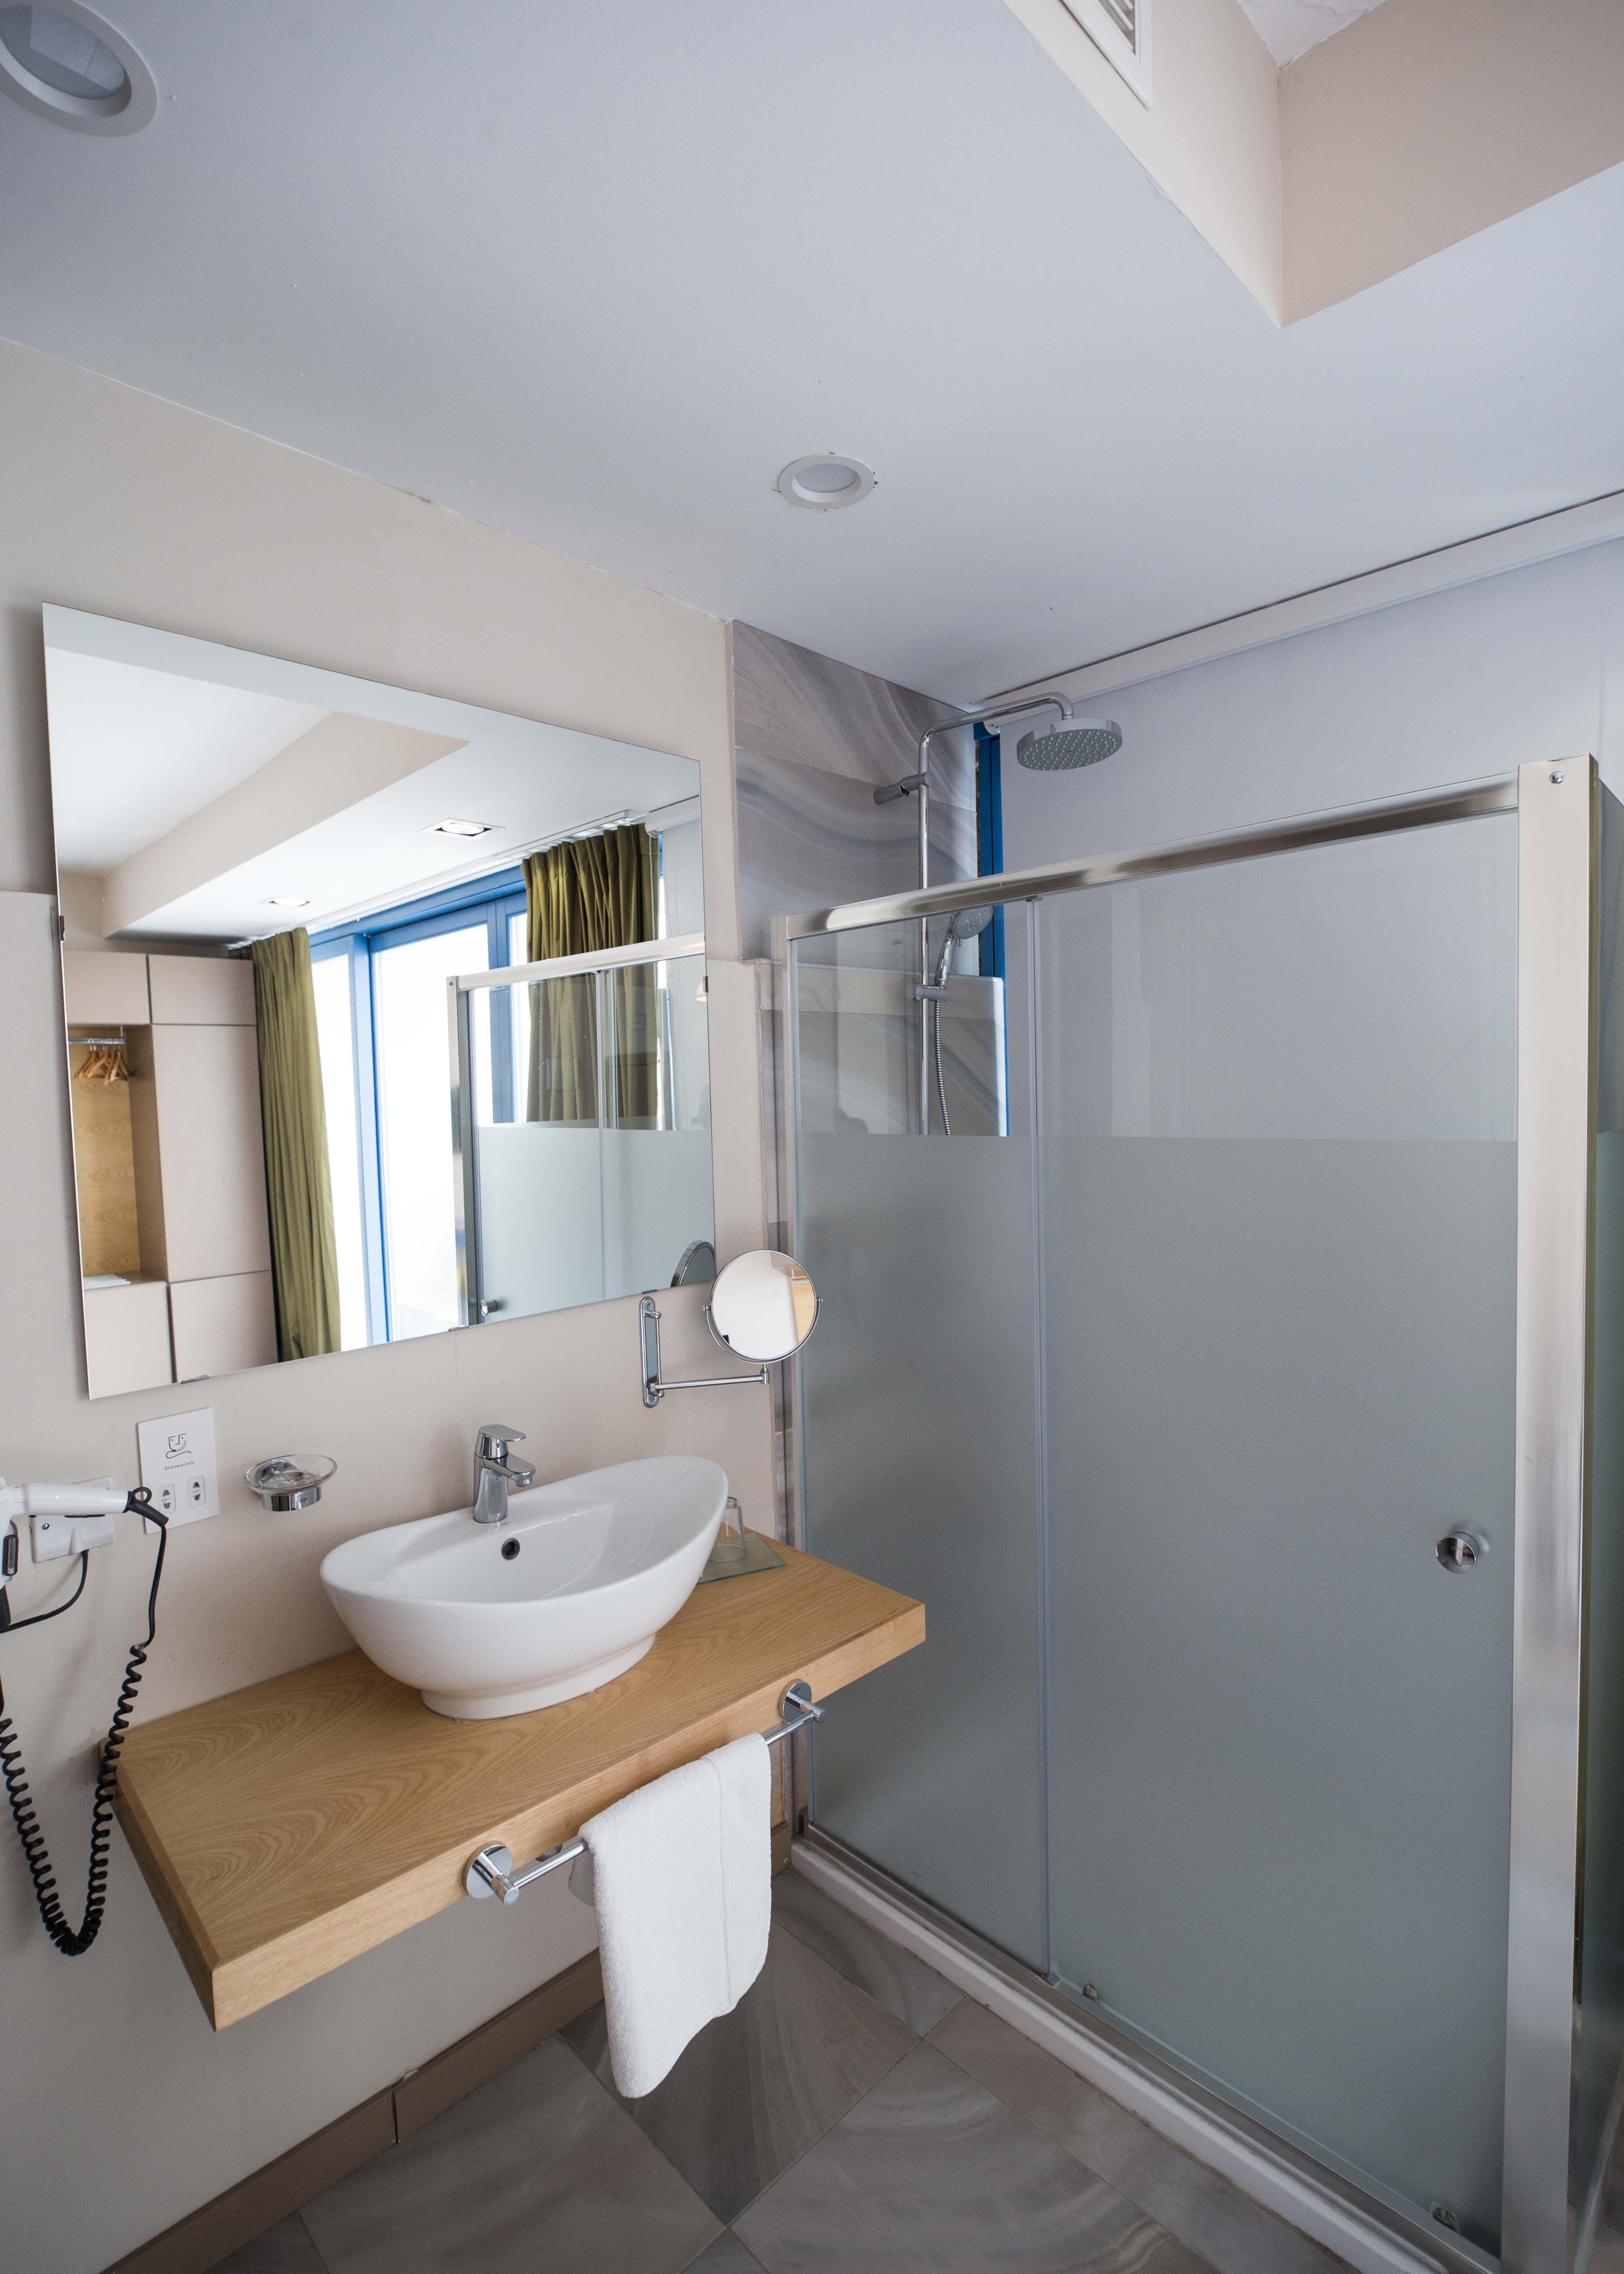 The British Suites penthouse đánh giá, ở đâu khi đến Malta